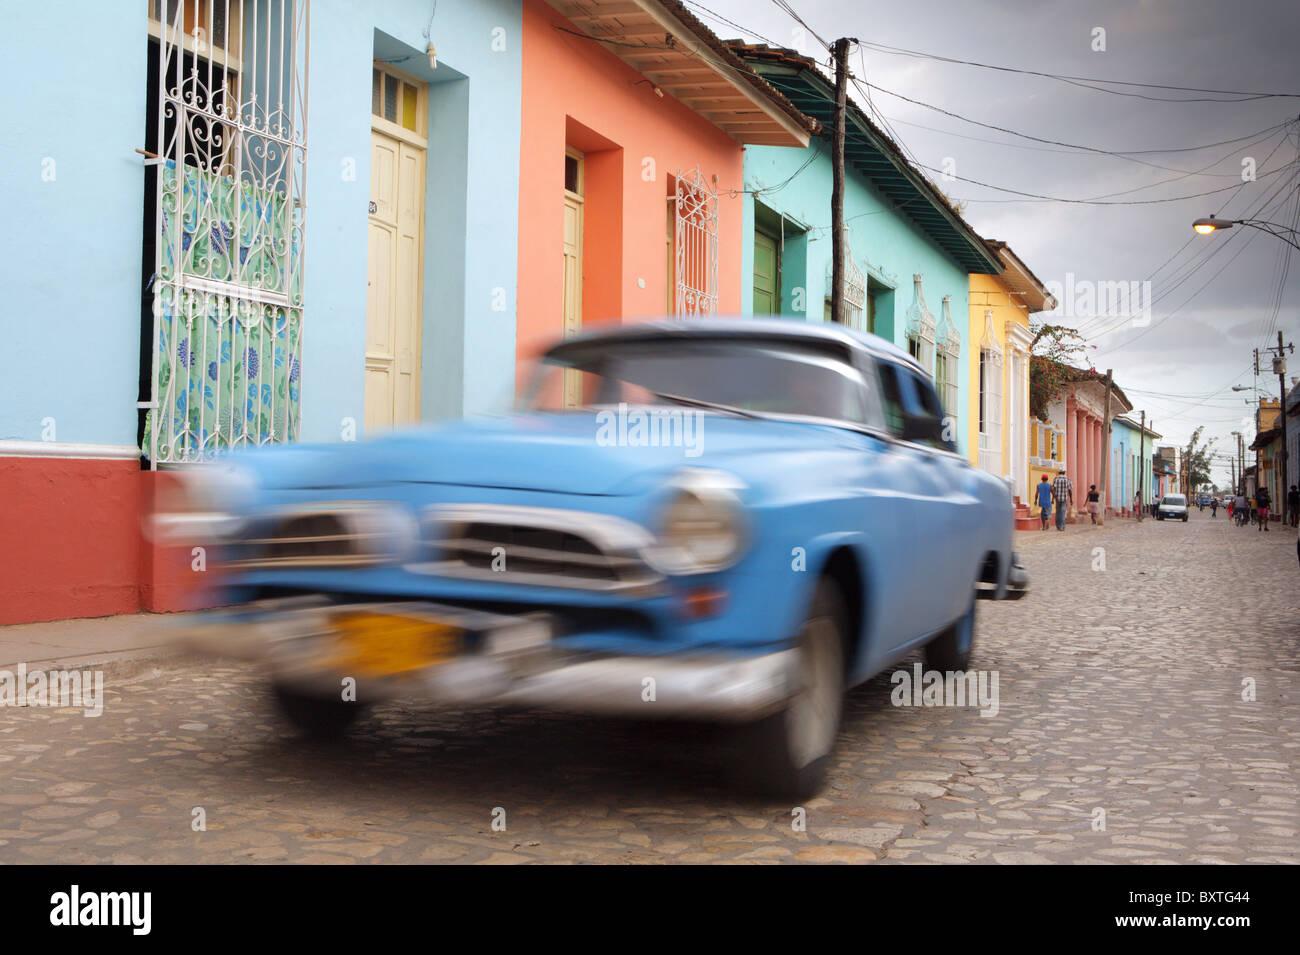 TRINIDAD: coche clásico en la colorida calle colonial Foto de stock